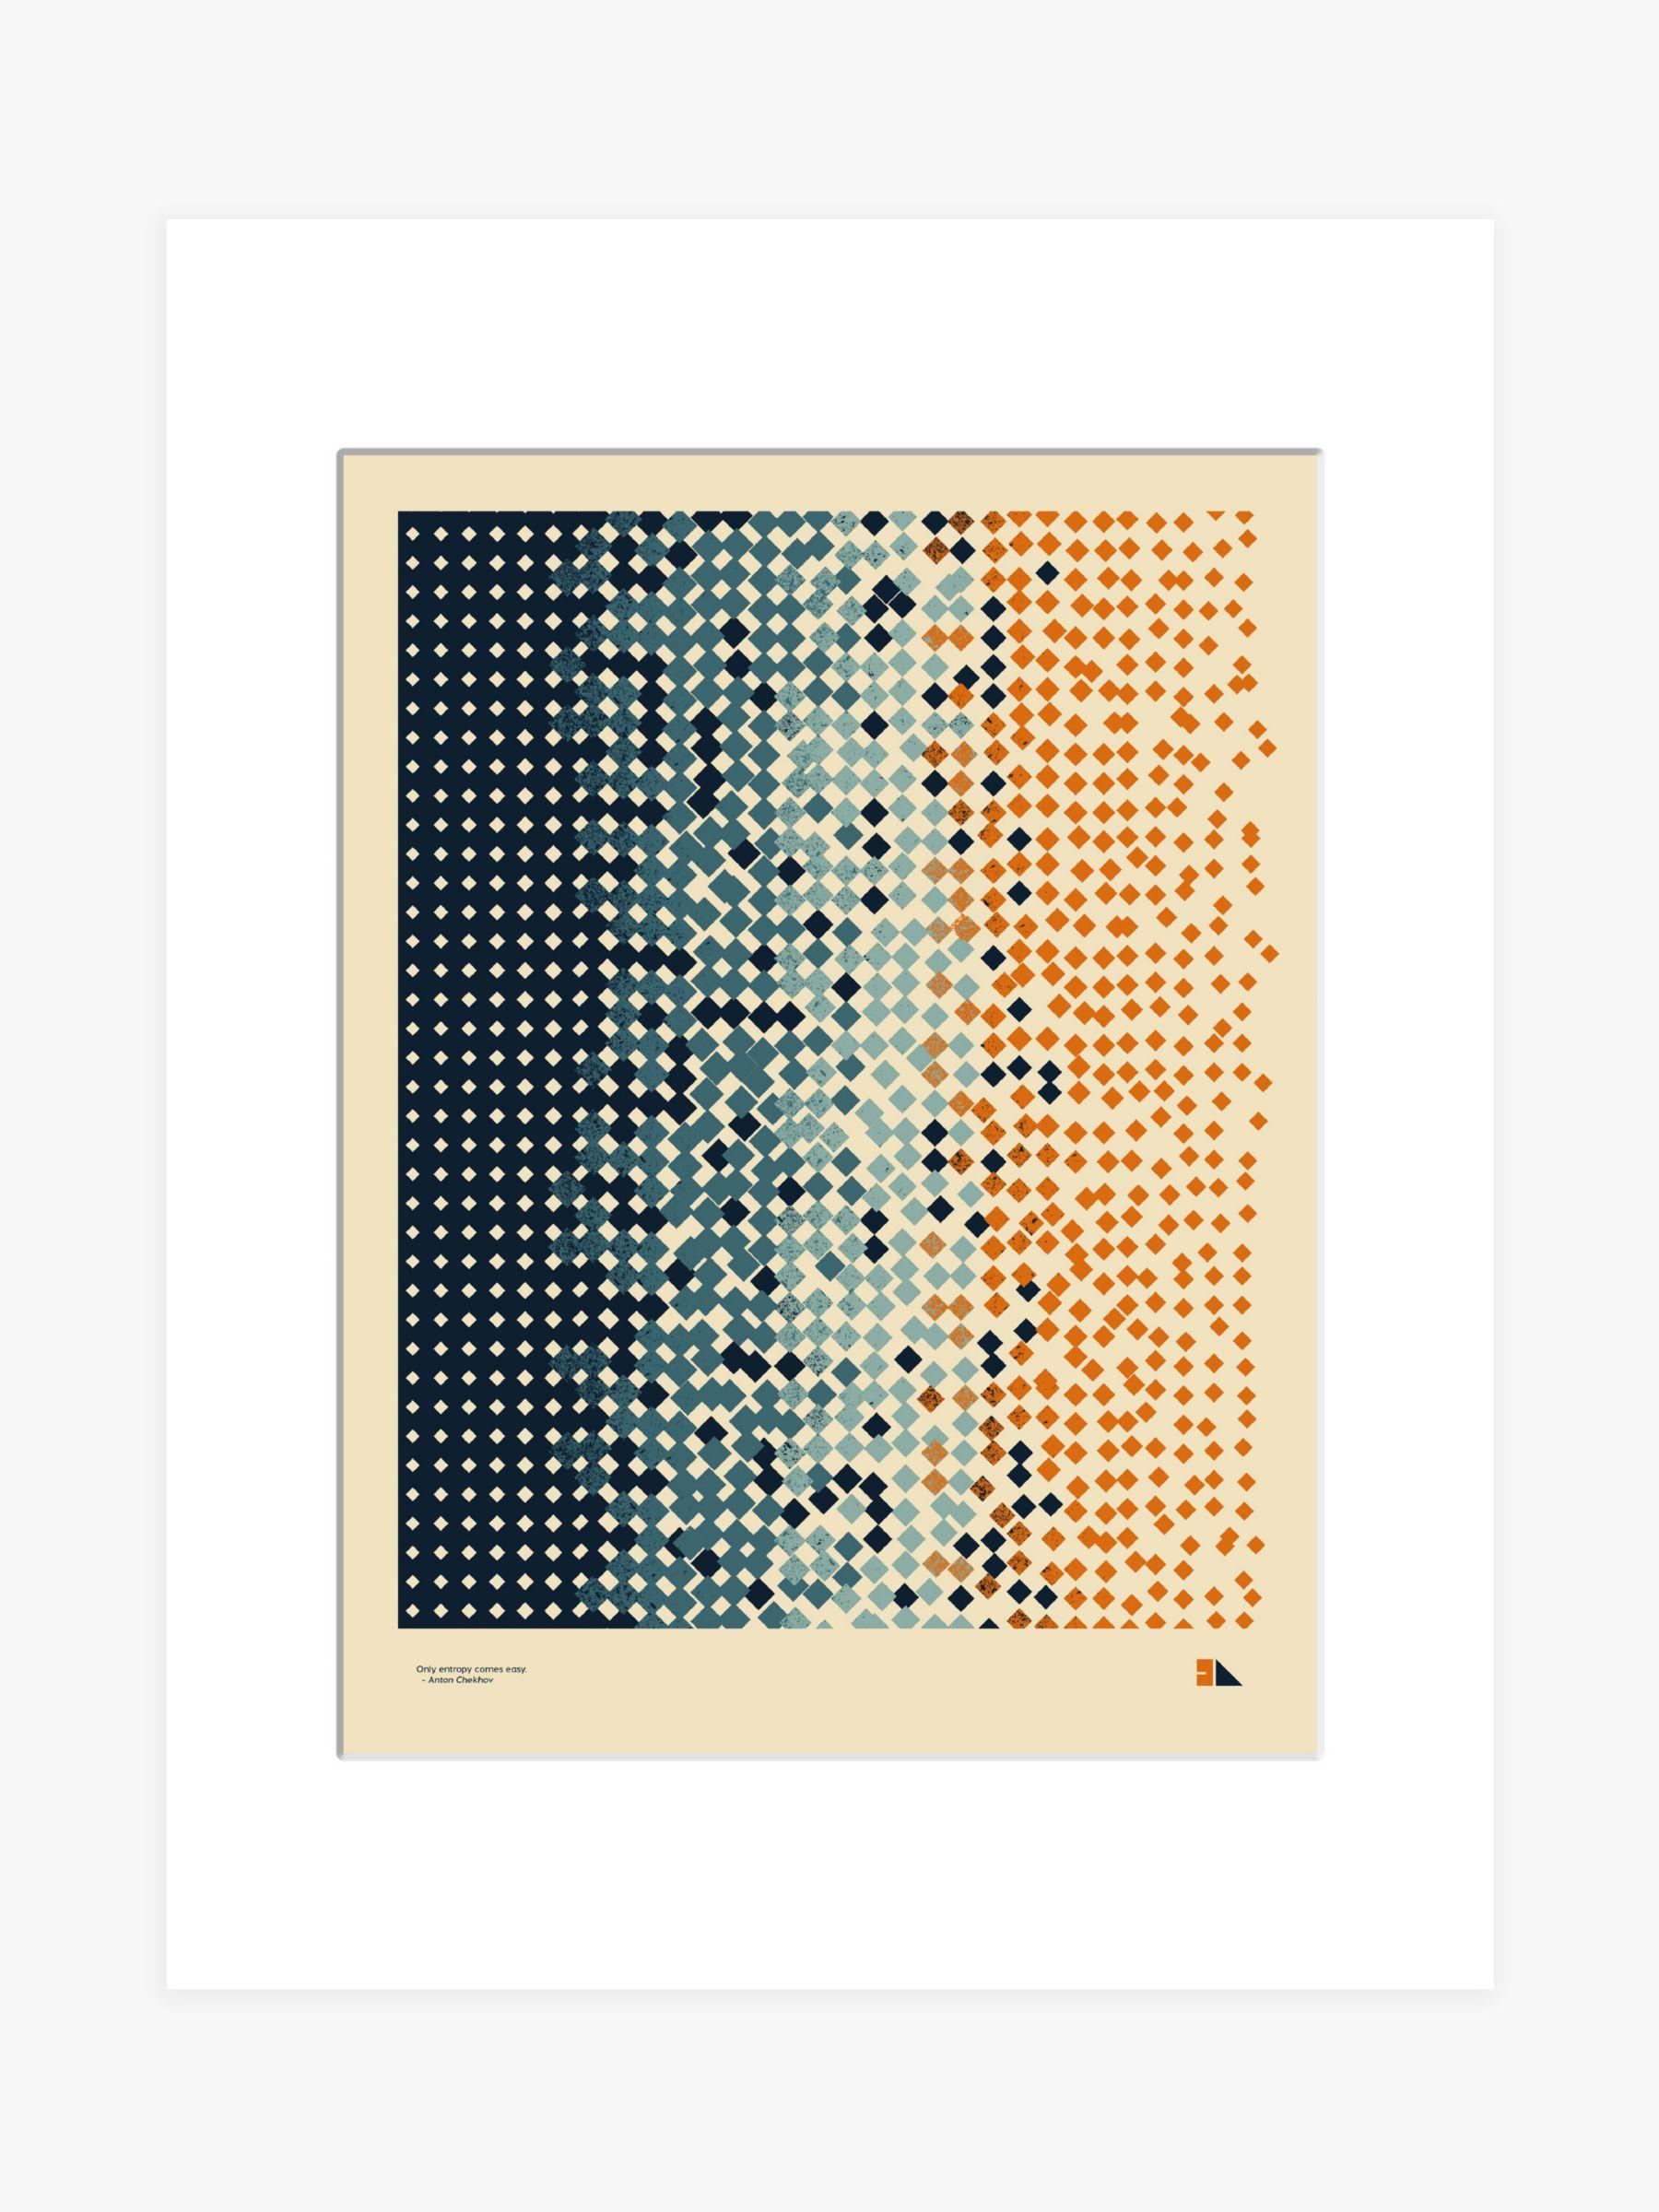 Unbranded Justin Van Genderen - Entropy Unframed Print & Mount, 40 x 30cm, Blue/Red